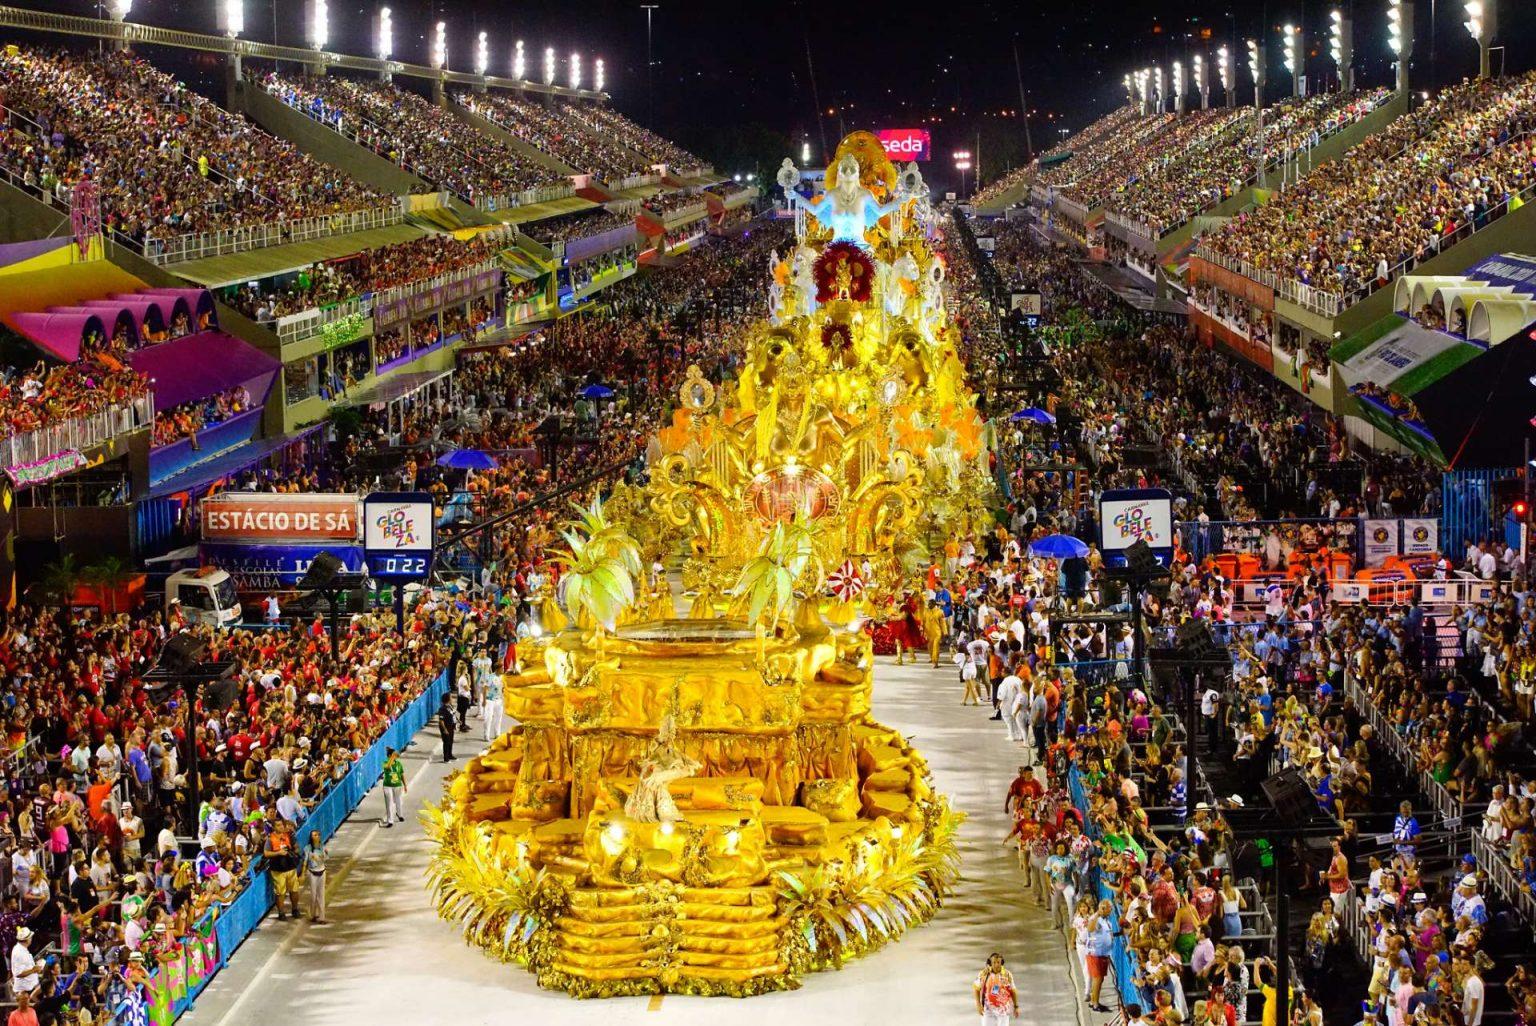 Carnaval 2022: Rio começa a vender ingressos de desfiles e SP, a cadastrar blocos; veja o que se sabe sobre a folia em Salvador, Recife, DF e BH